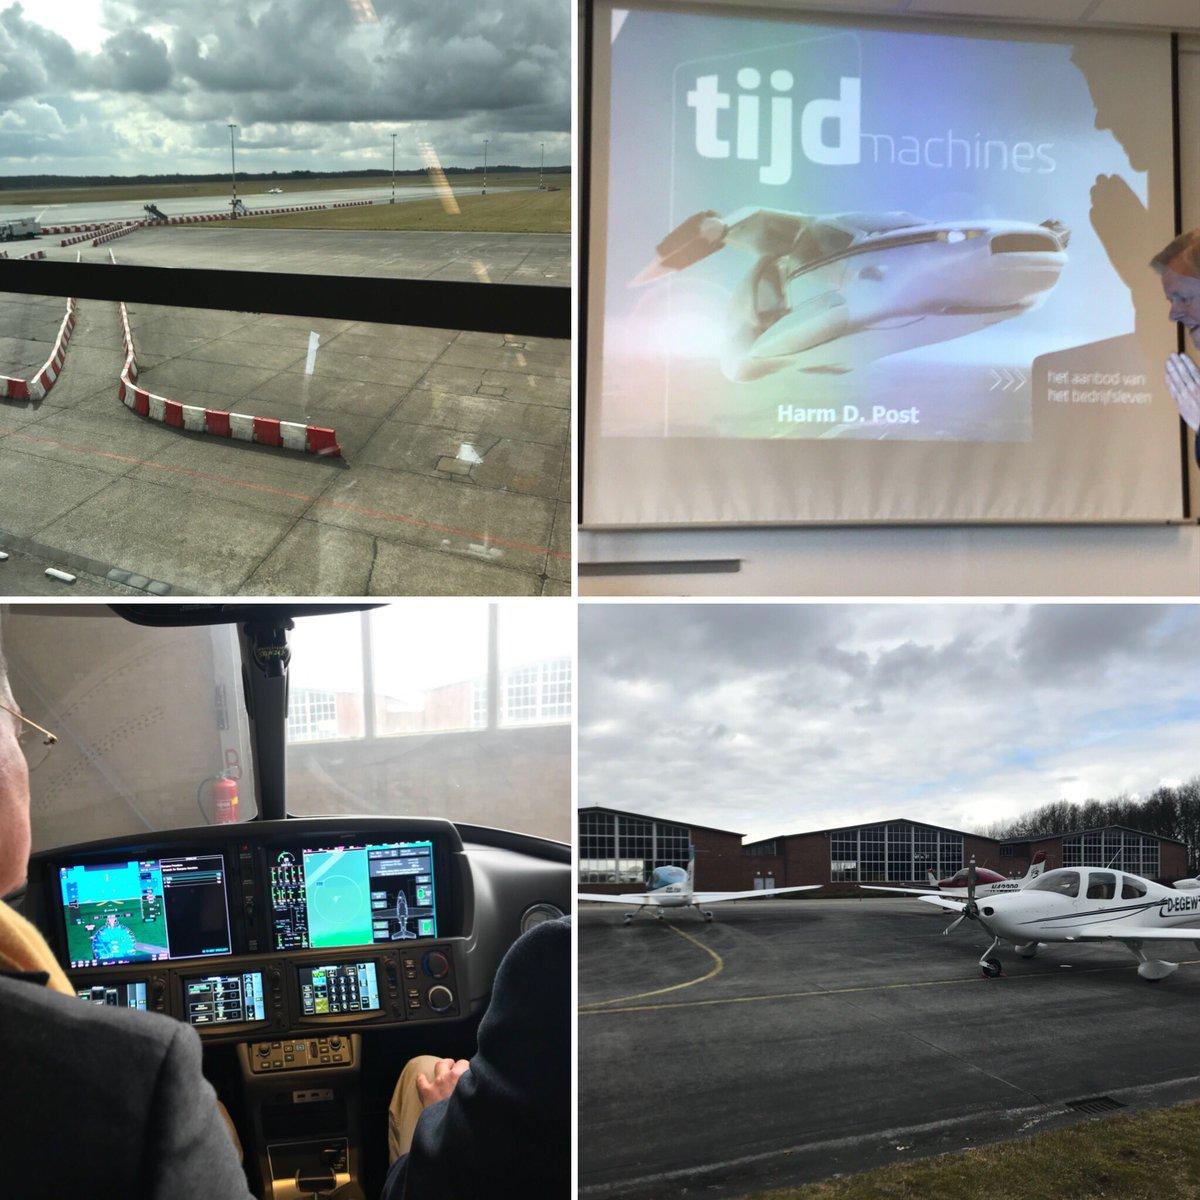 """Noordgang """"Grunniger Raif"""" op bezoek bij Groningen AirPort Eelde; inspiratie van Harm Post over het aanbod vh bedrijfsleven en het verhaal van Cirrus. Sinds 15 jaar wereldmarktleider en gewoon gevestigd op GAE! ^JS https://t.co/GQVhla1dS0"""